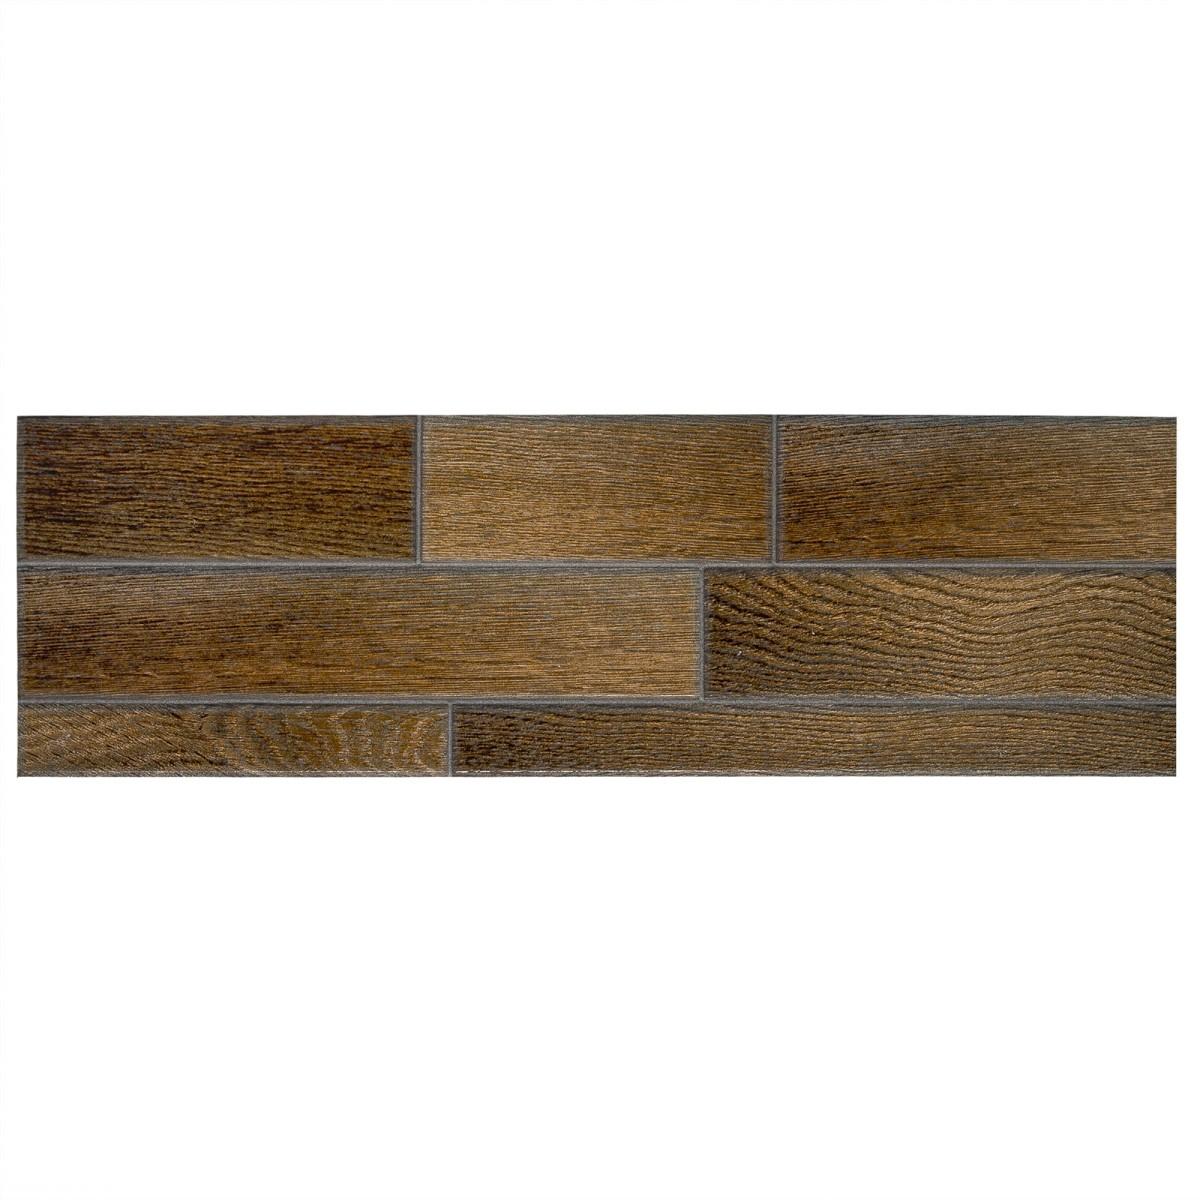 Плитка универсальная Dream 15х50 см 1.05 м2 цвет коричневый